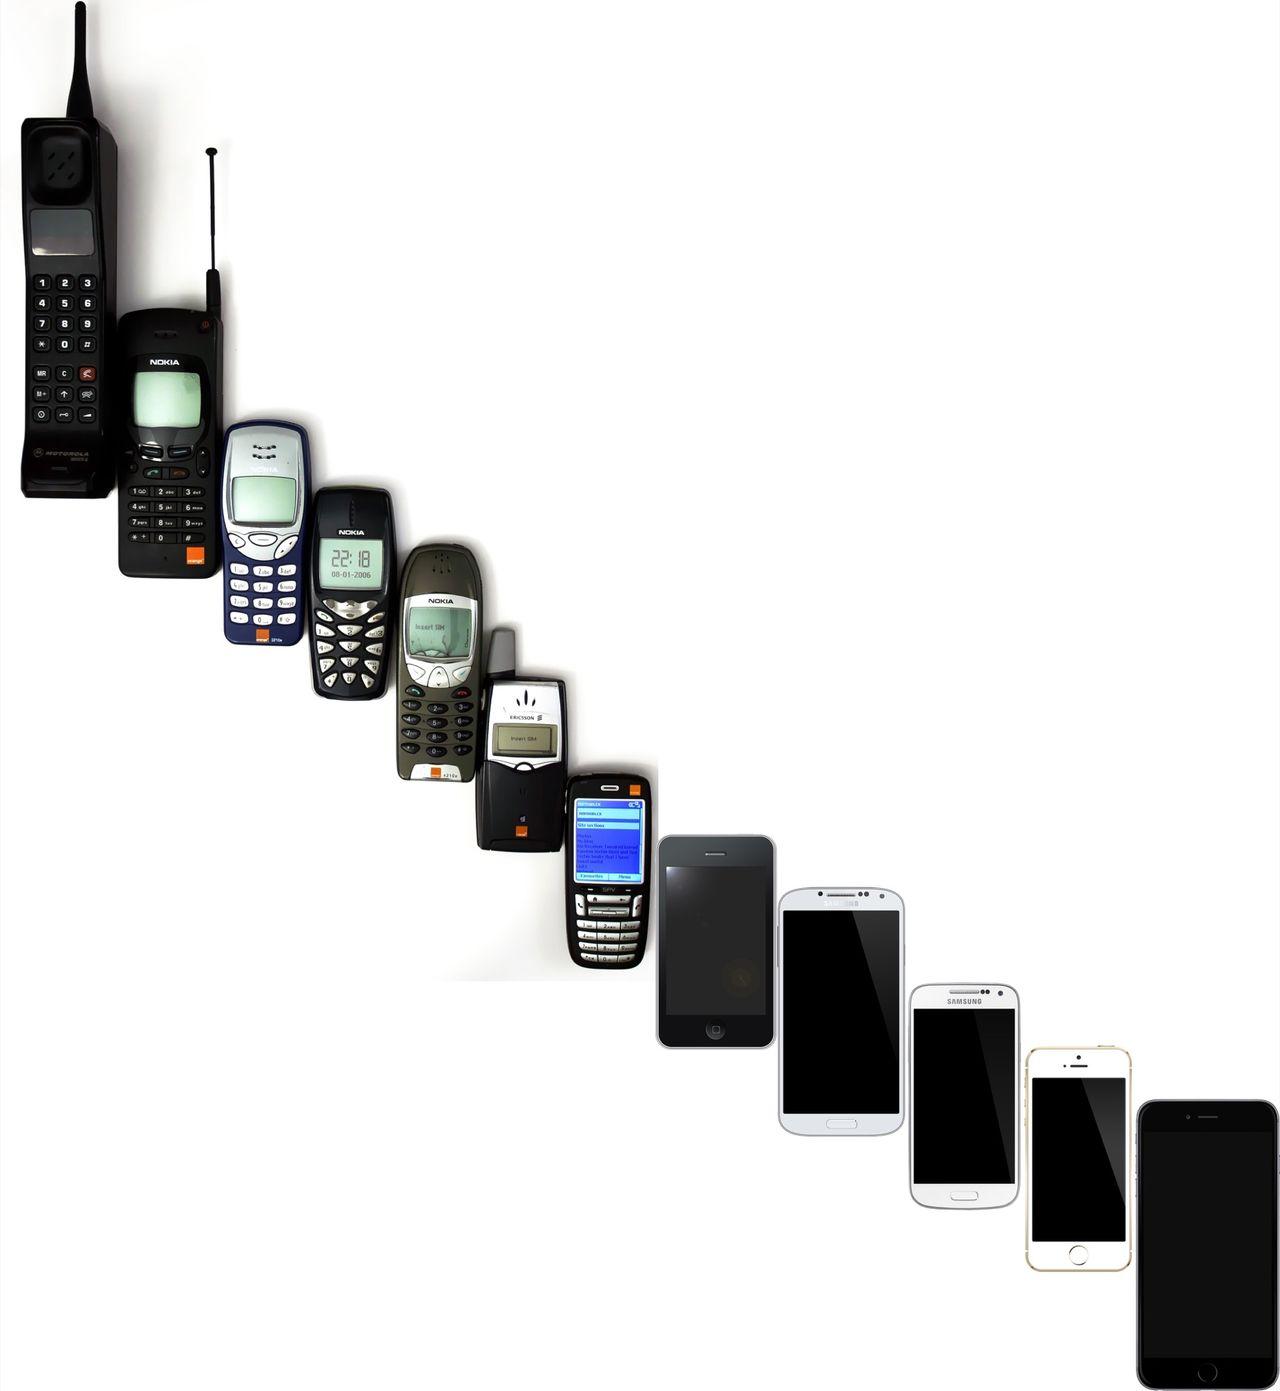 Pant på mobiltelefoner ska utredas